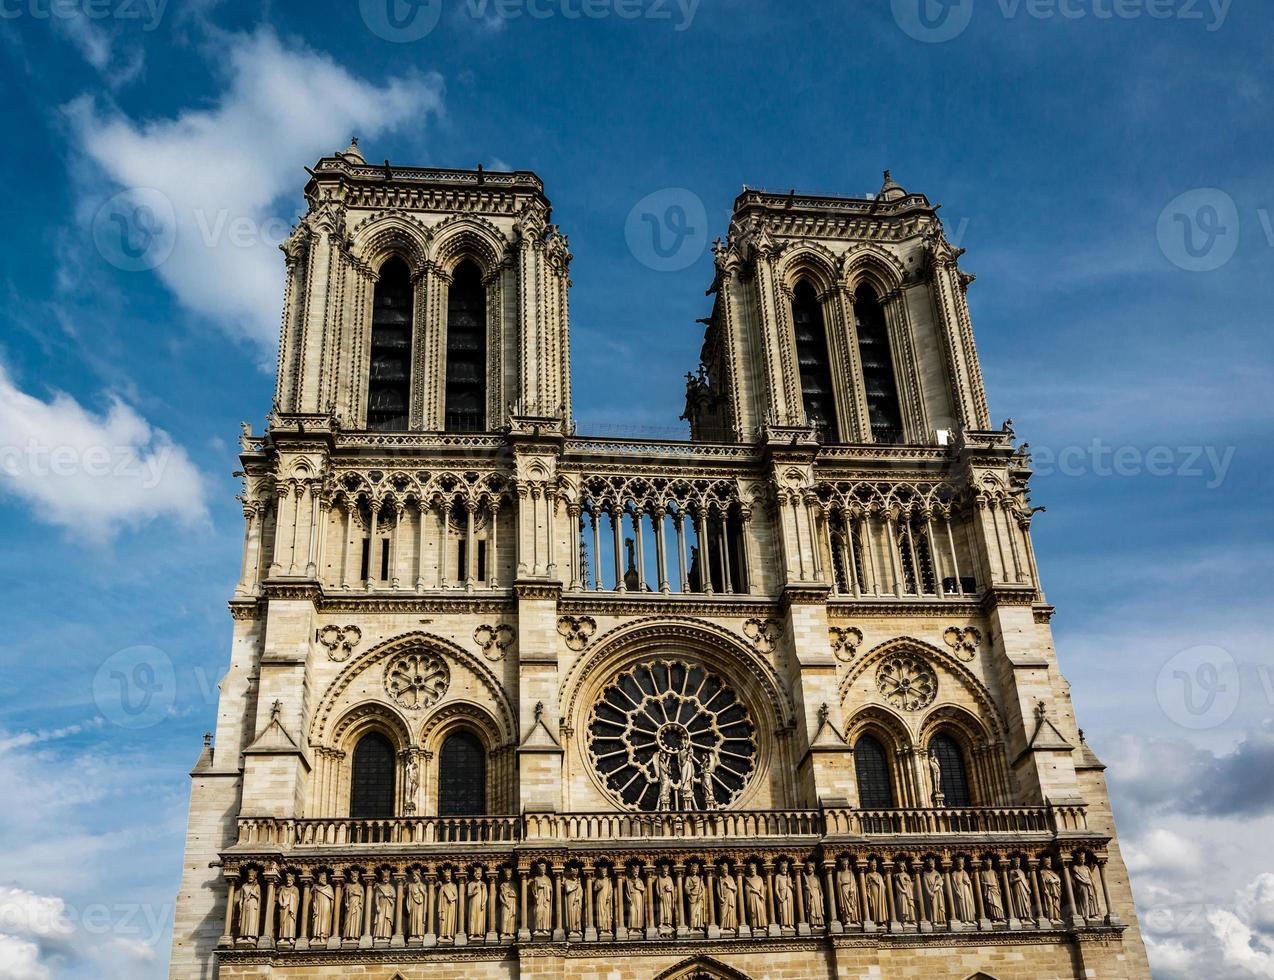 notre dame de paris kathedrale auf zitierinsel, frankreich foto